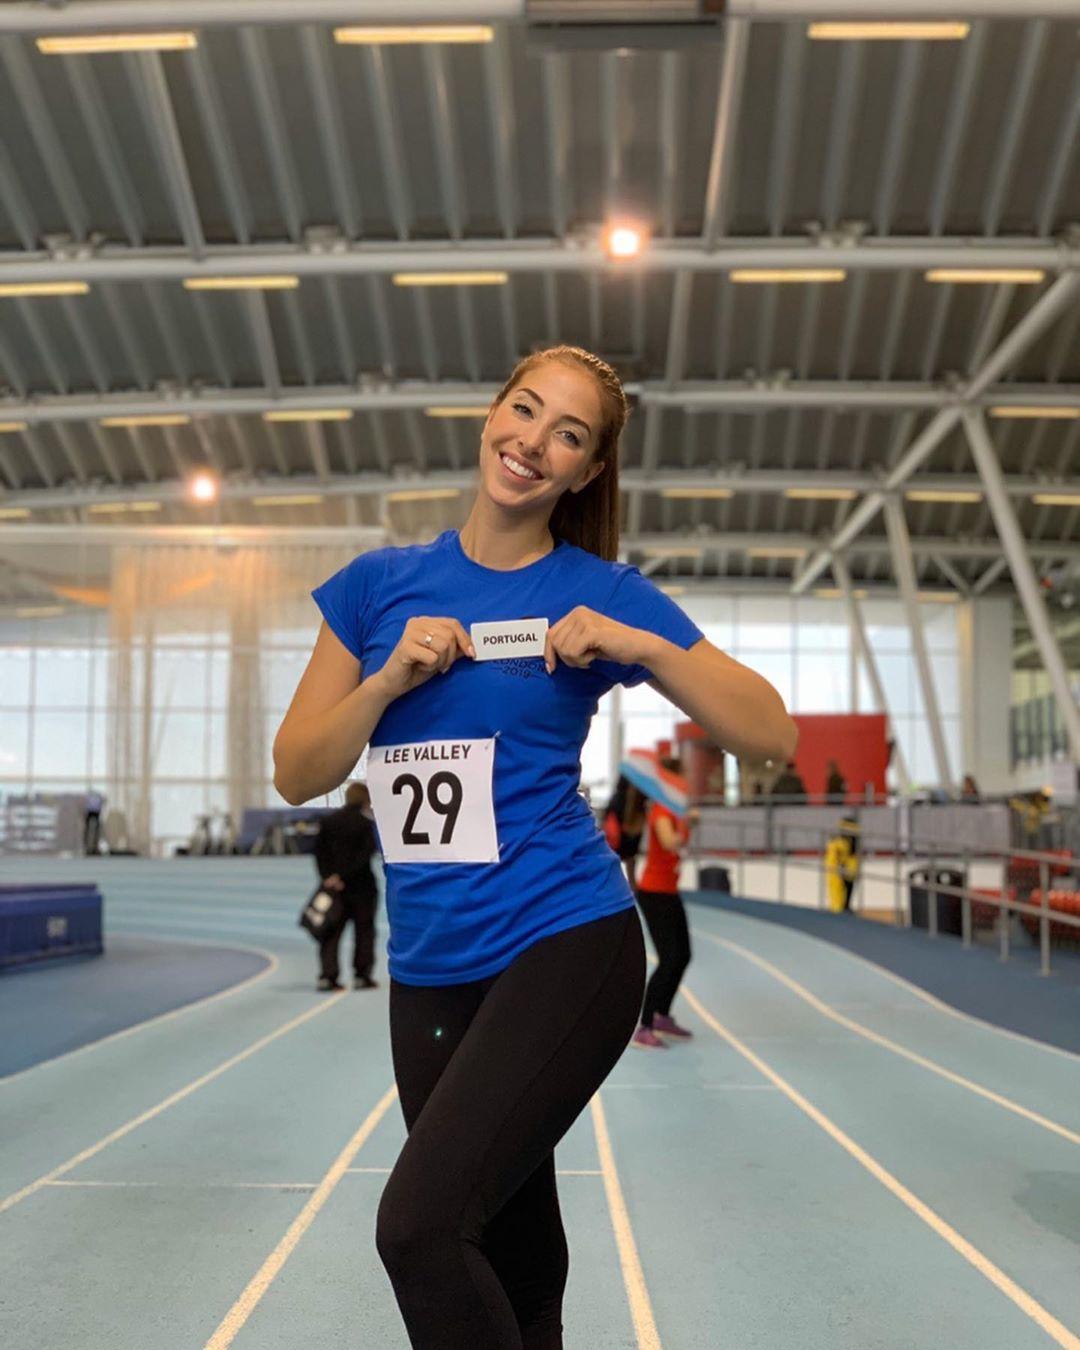 fast track miss sport de miss  world 2019. - Página 2 IuLXFP